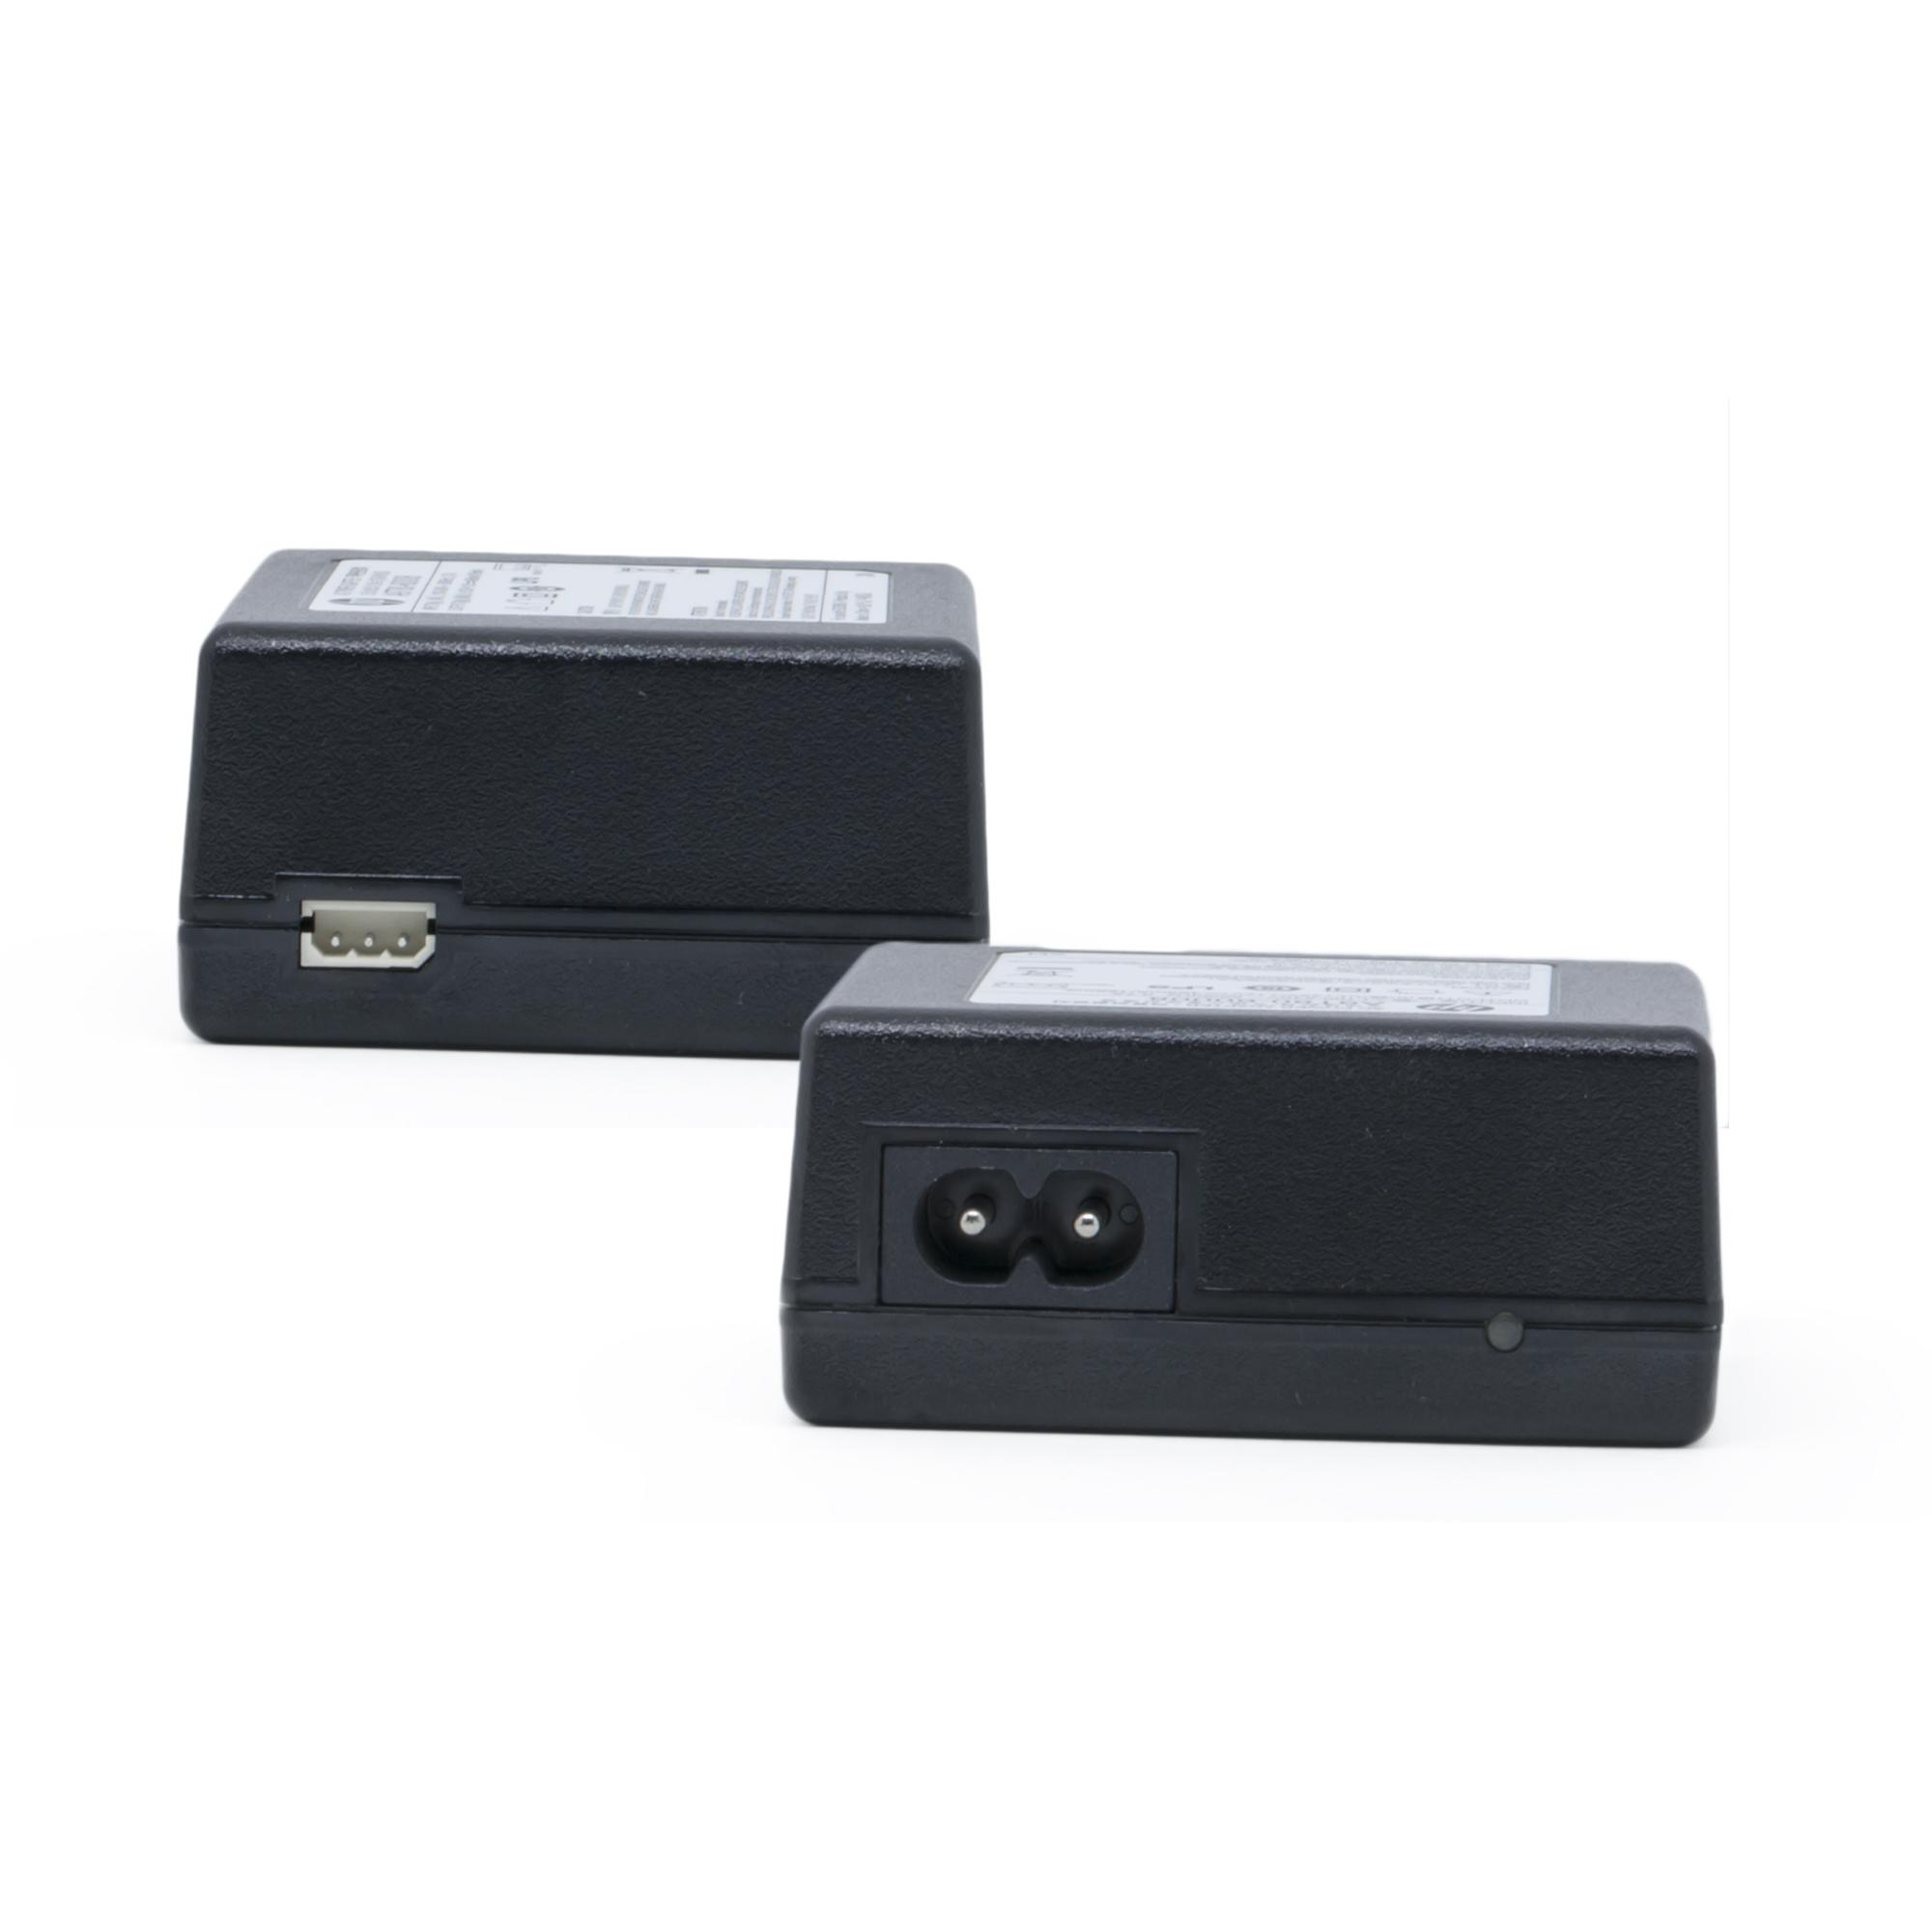 Fonte de Energia das Impressoras HP PRO 6230 e 6830